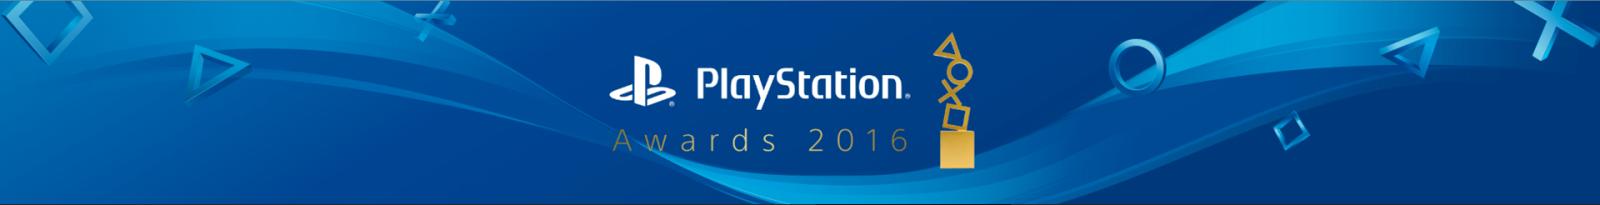 PS Award 2016开始评选了!